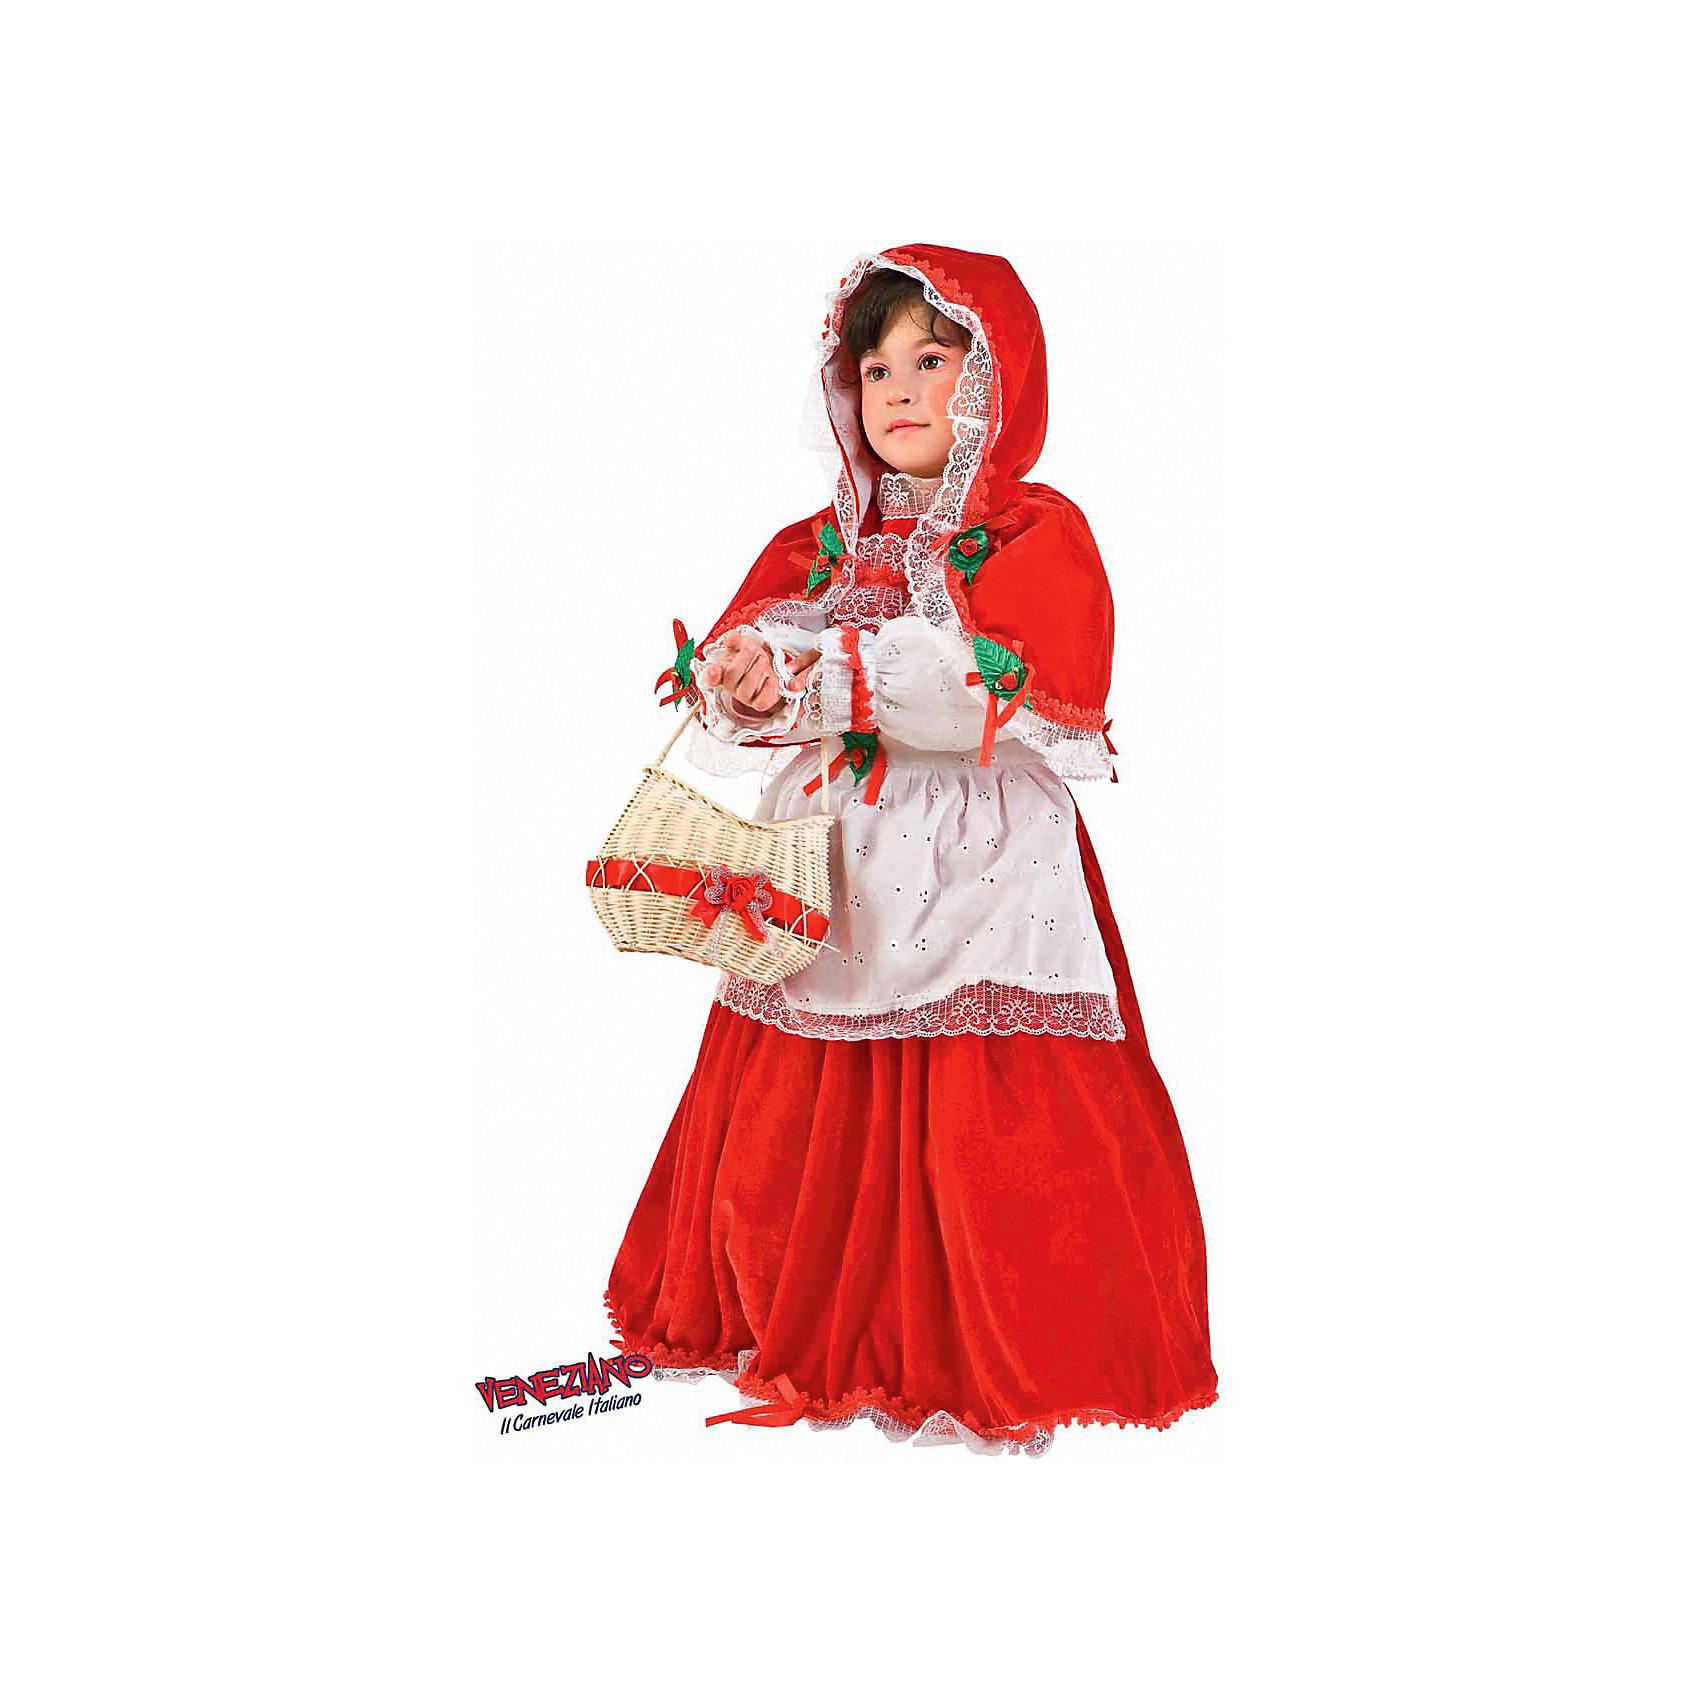 Карнавальный костюм Красная шапочка, 2 года (на рост 92 см), VenezianoКарнавальные костюмы и аксессуары<br>Карнавальный костюм Красная шапочка, 2 года, Veneziano (Венециано) – яркий, красивый итальянский костюм для Вашей малышки, который выполнен из высококачественных материалов. Этот костюм полностью укомплектован аксессуарами, что позволит целиком погрузиться в атмосферу сказки и волшебства. <br><br>Комплектация:<br>- платье с подъюбником<br>- накидка с капюшоном<br>-фартук<br>- корзинка<br><br>Дополнительная информация:<br>- на рост 92 см<br>- Материал: бархат, кружево<br>- Упаковка: красивая подарочная коробка<br><br>Карнавальный костюм Красная шапочка, 2 года, Veneziano (Венециано) сделает Вашу маленькую девочку главной героиней праздника. <br><br>Карнавальный костюм Красная шапочка, 2 года, Veneziano (Венециано) можно купить в нашем магазине.<br><br>Ширина мм: 300<br>Глубина мм: 80<br>Высота мм: 400<br>Вес г: 500<br>Возраст от месяцев: 24<br>Возраст до месяцев: 36<br>Пол: Женский<br>Возраст: Детский<br>SKU: 3487401